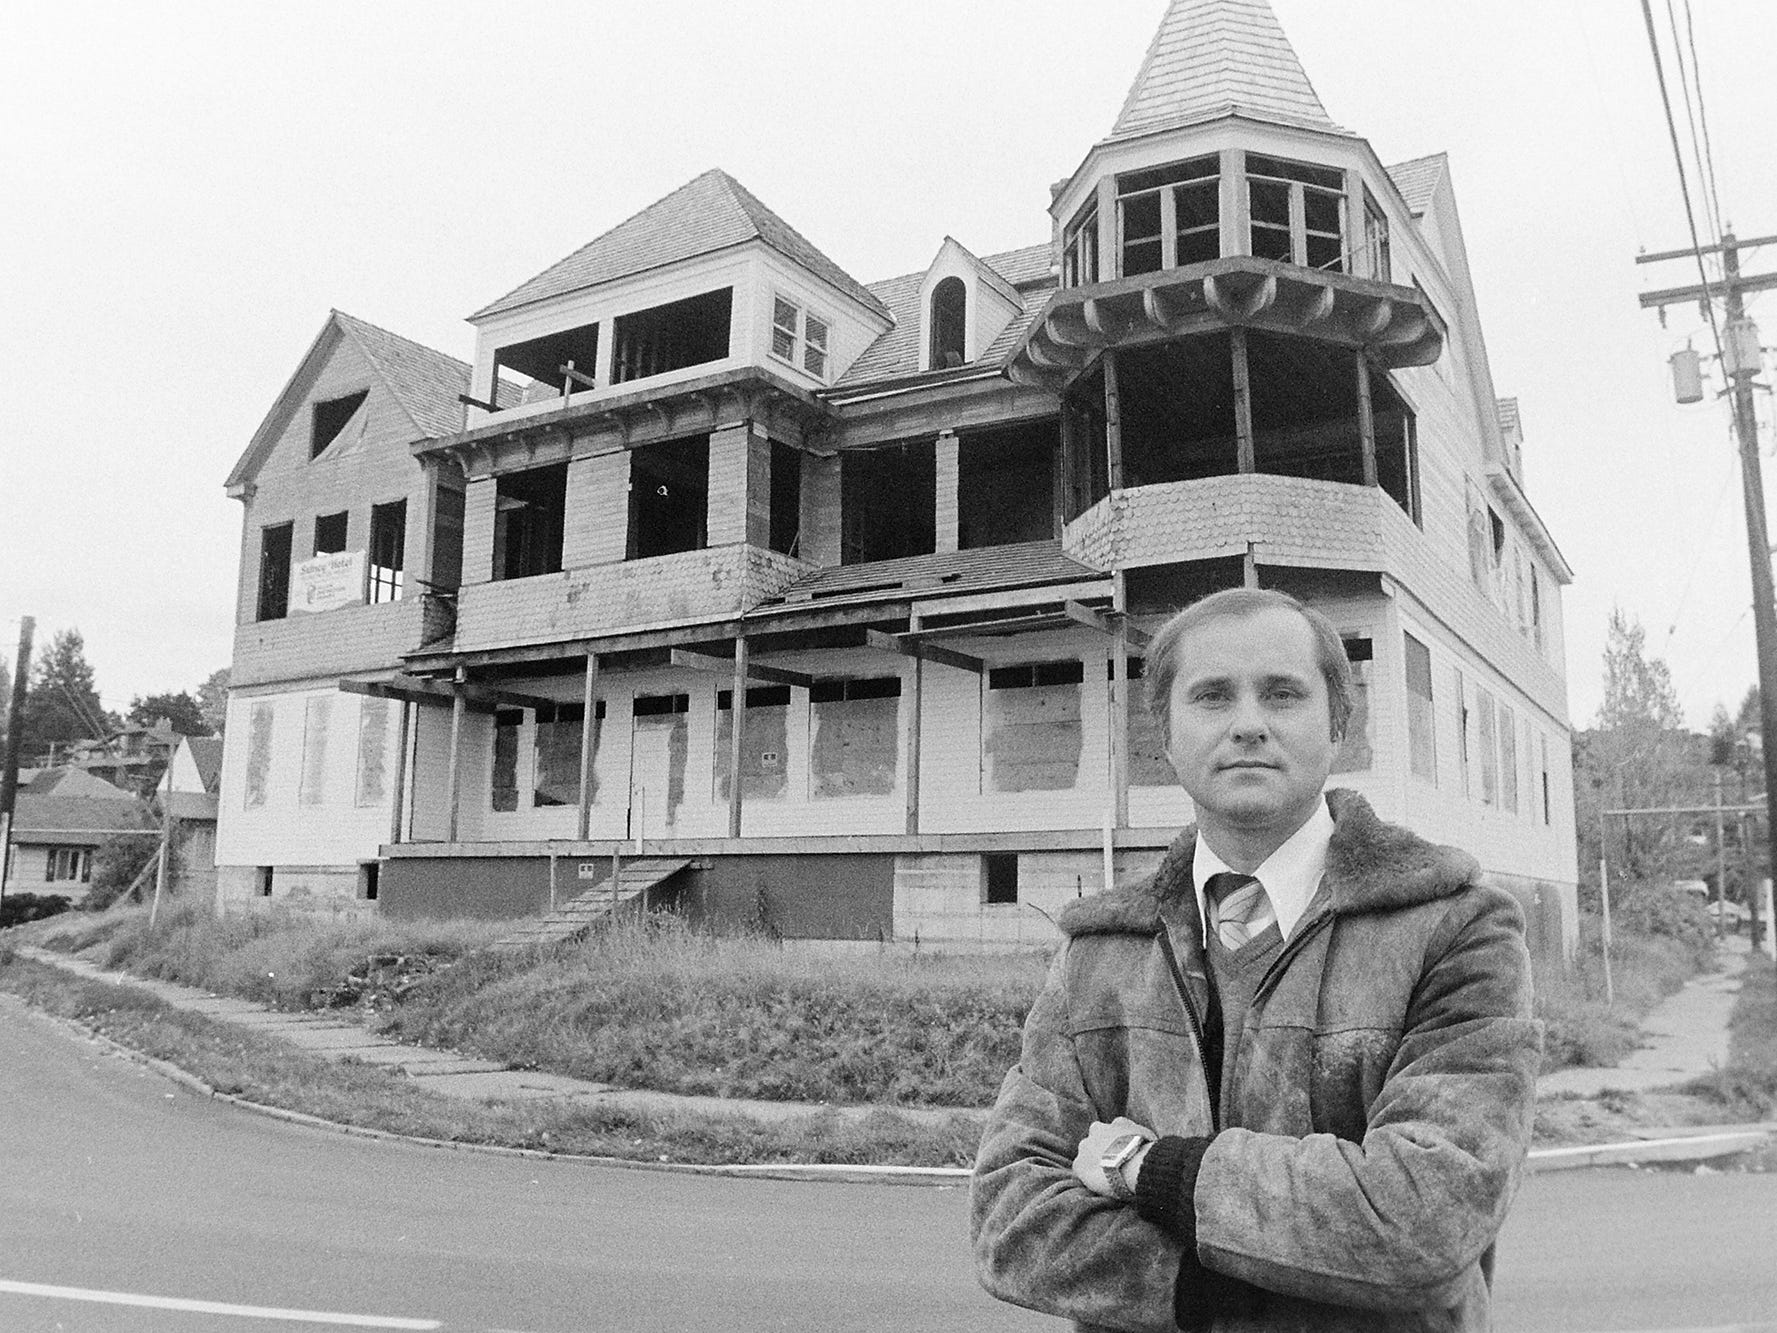 10/28/82Sidney Hotel